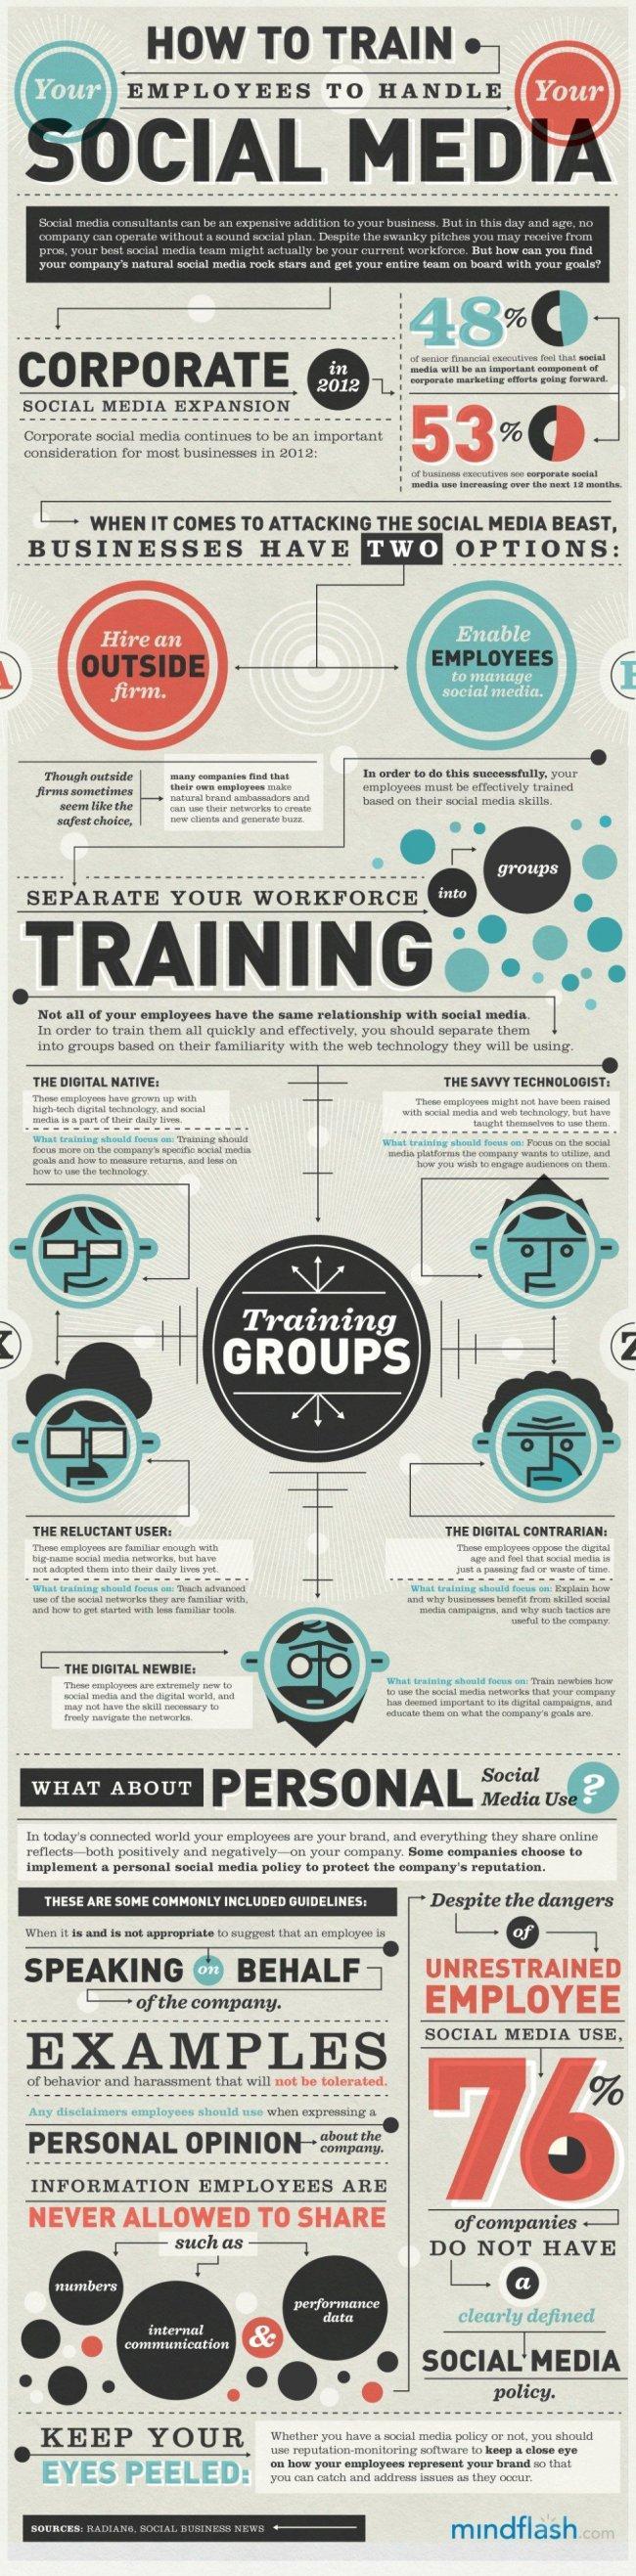 Social Media Trainning